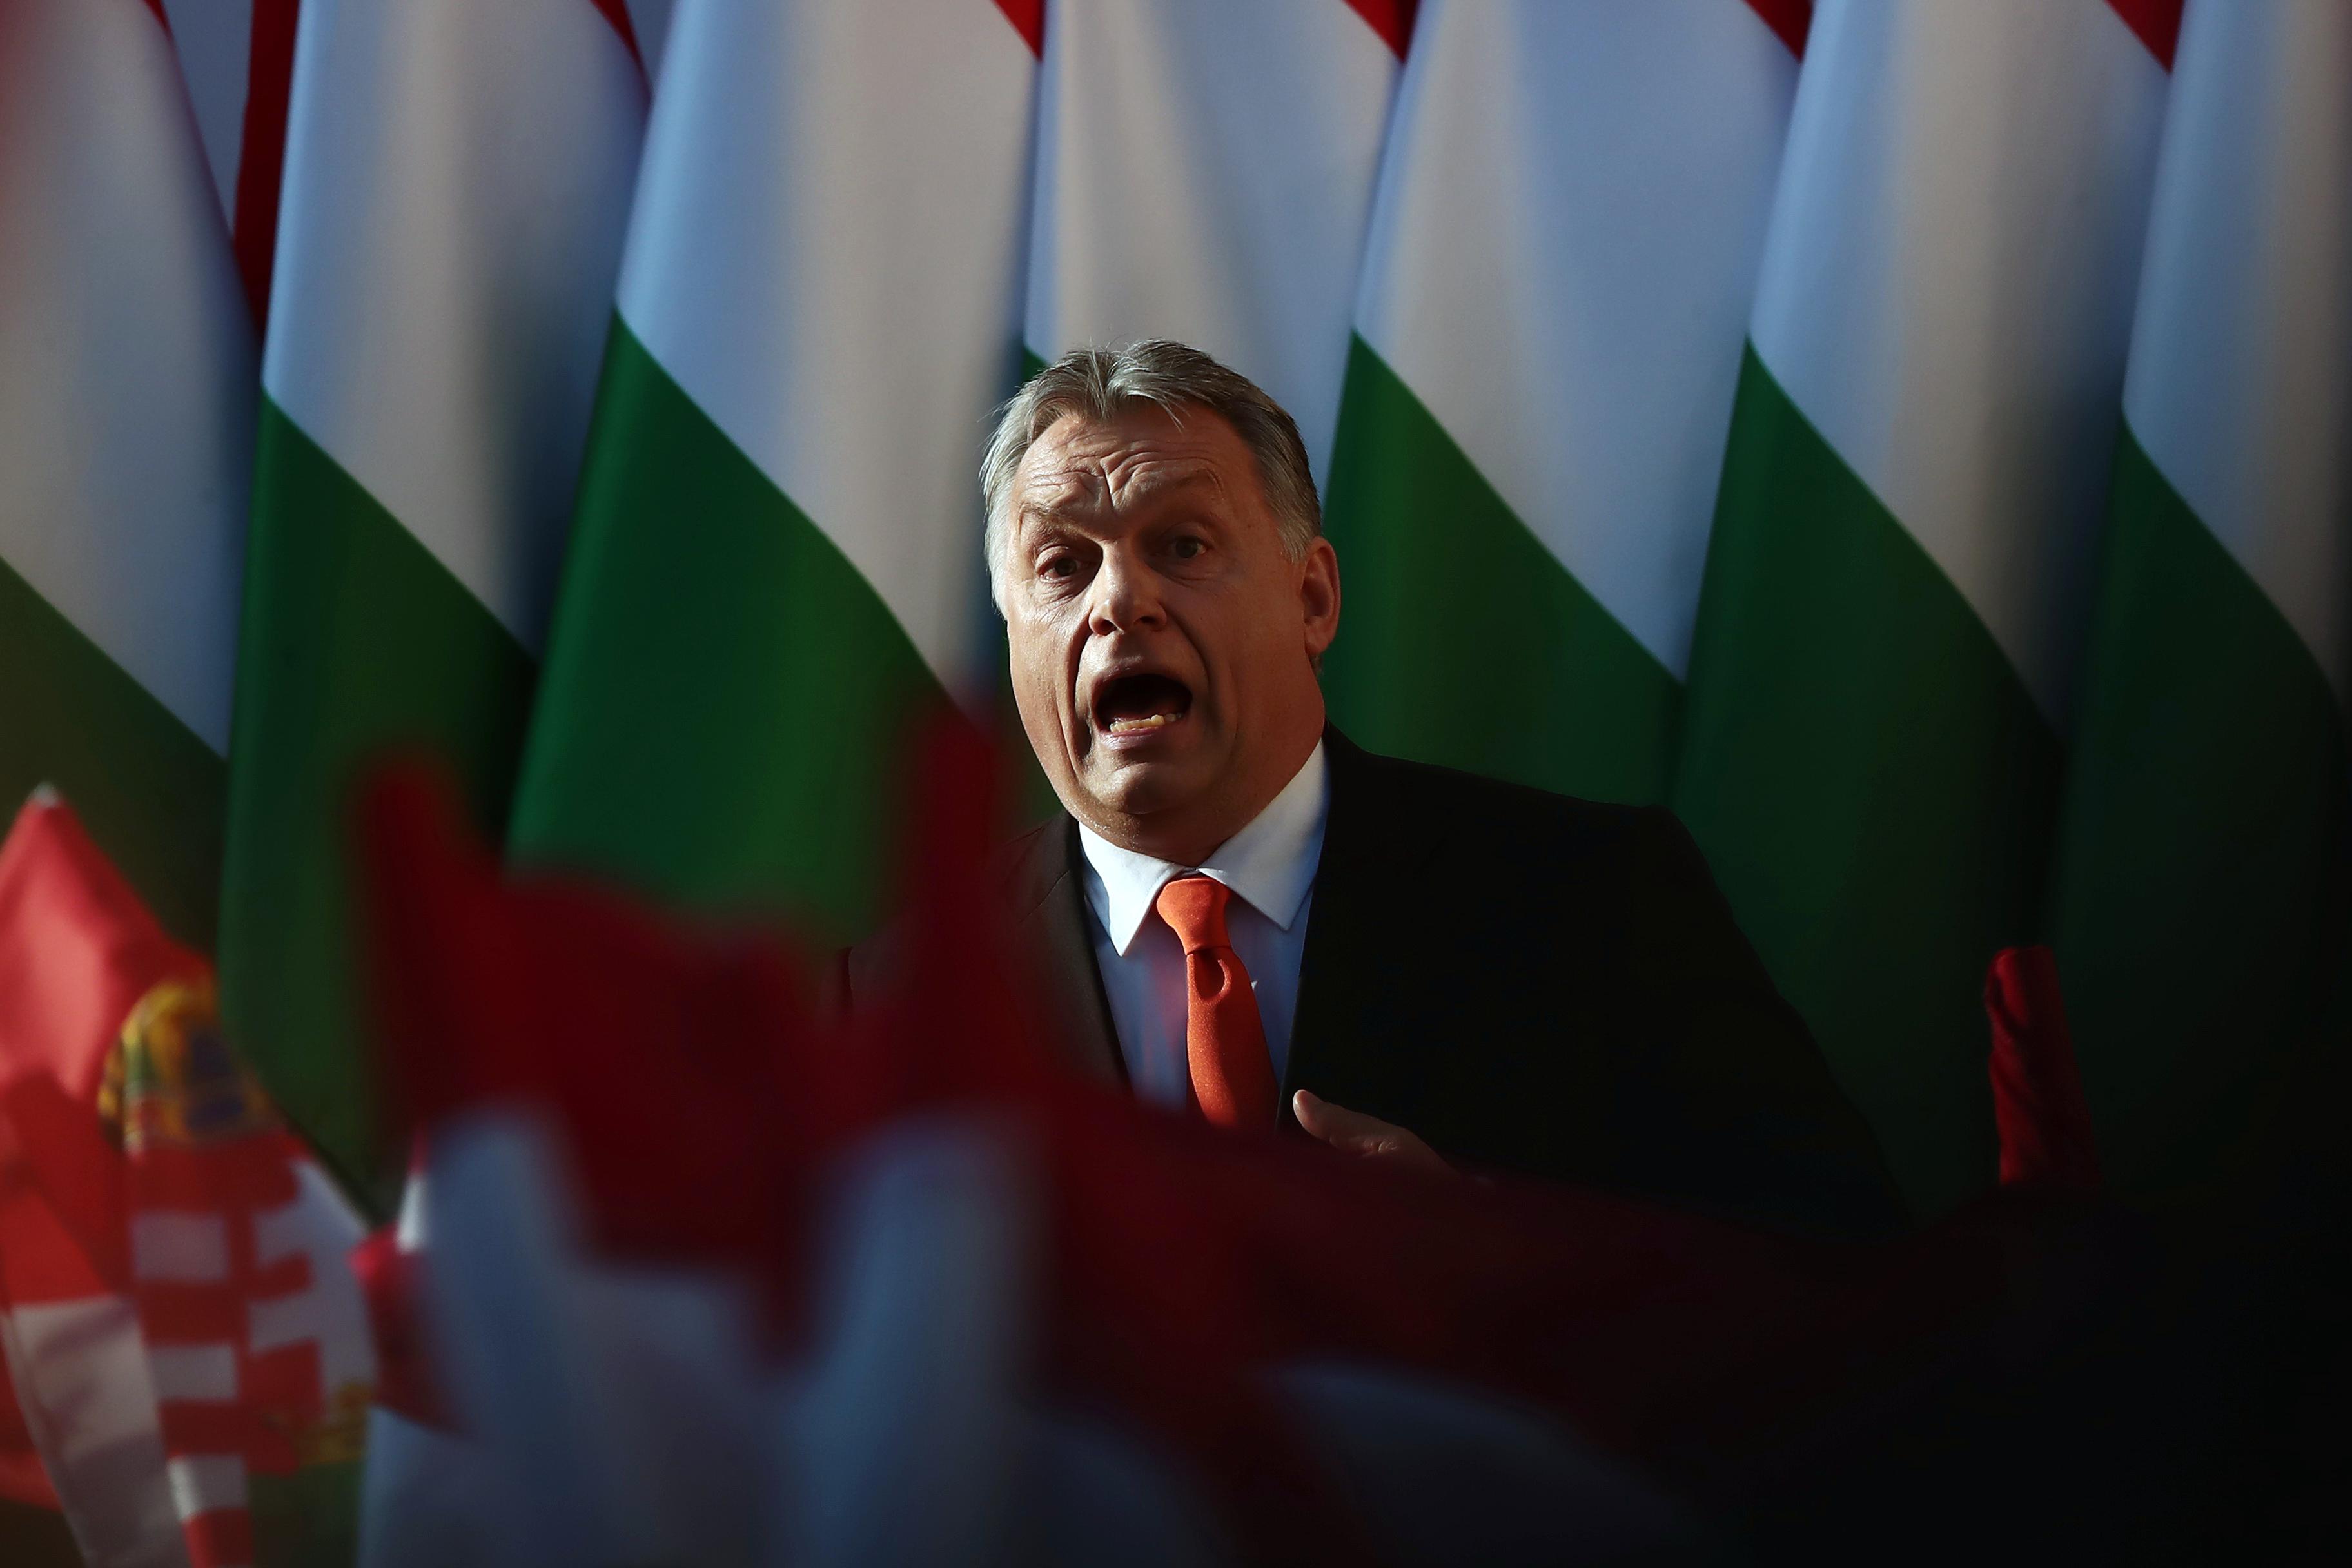 Az EBESZ választási részlegének vezetője szerint a tavalyi magyar választásokat az állam és a kormánypárt véleményének jelentős átfedése jellemezte